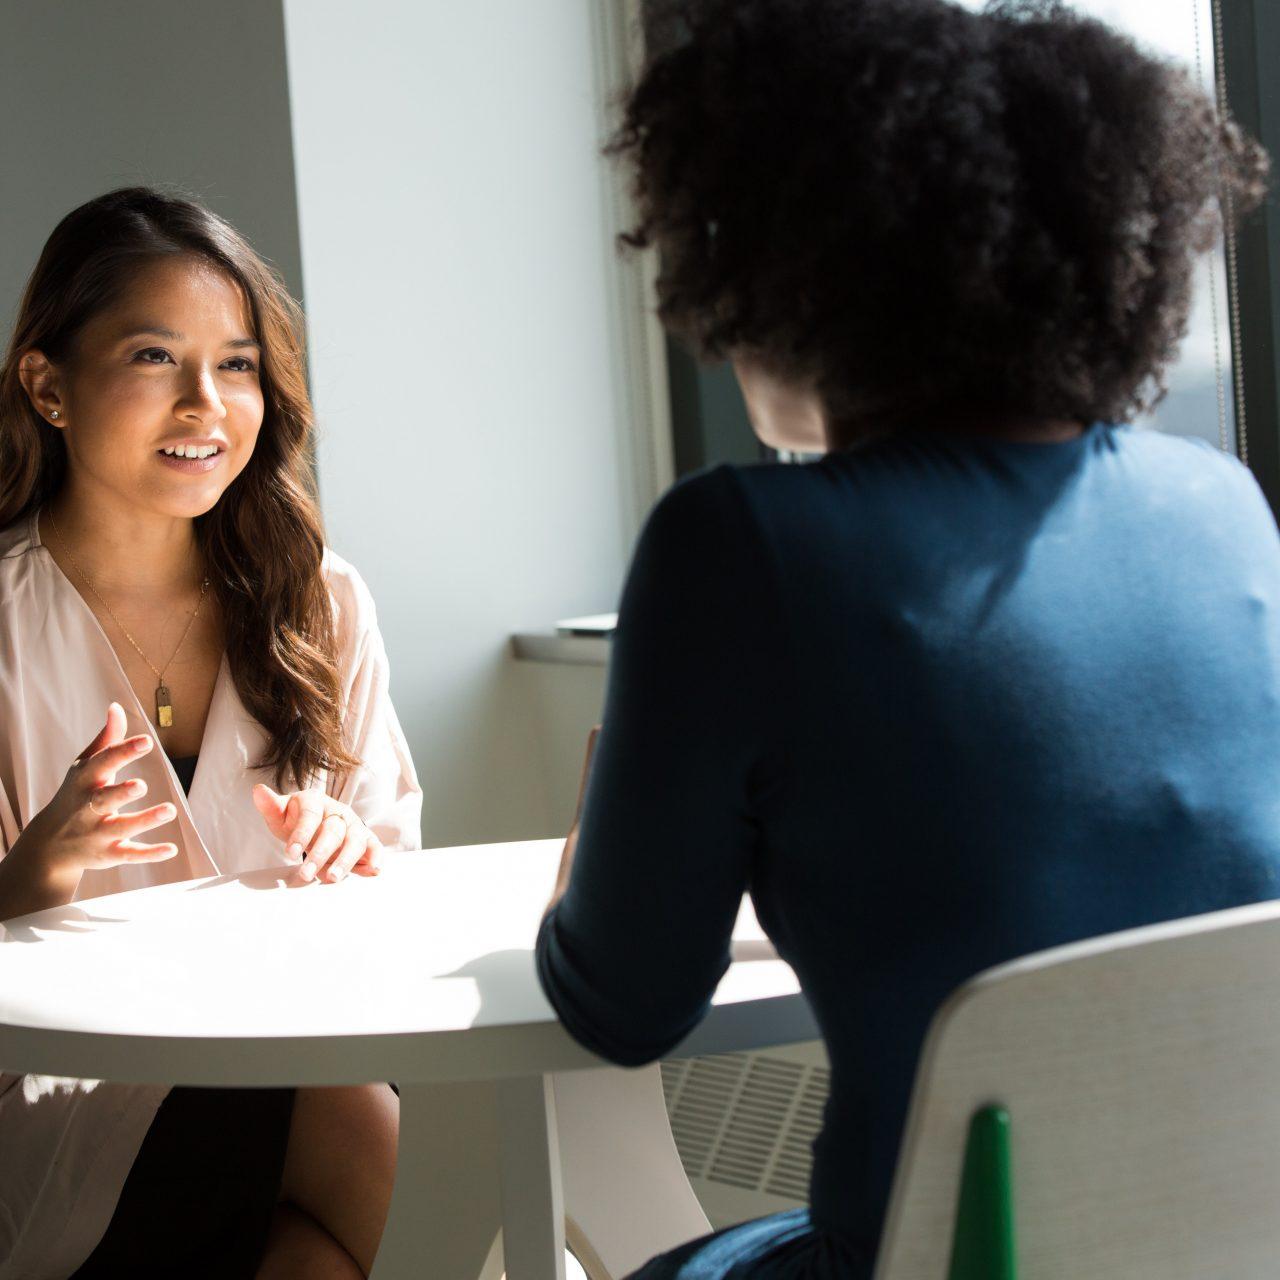 https://www.financialstaples.com/wp-content/uploads/2020/09/Women-in-Tech-Conversation-about-Finances-1280x1280.jpg